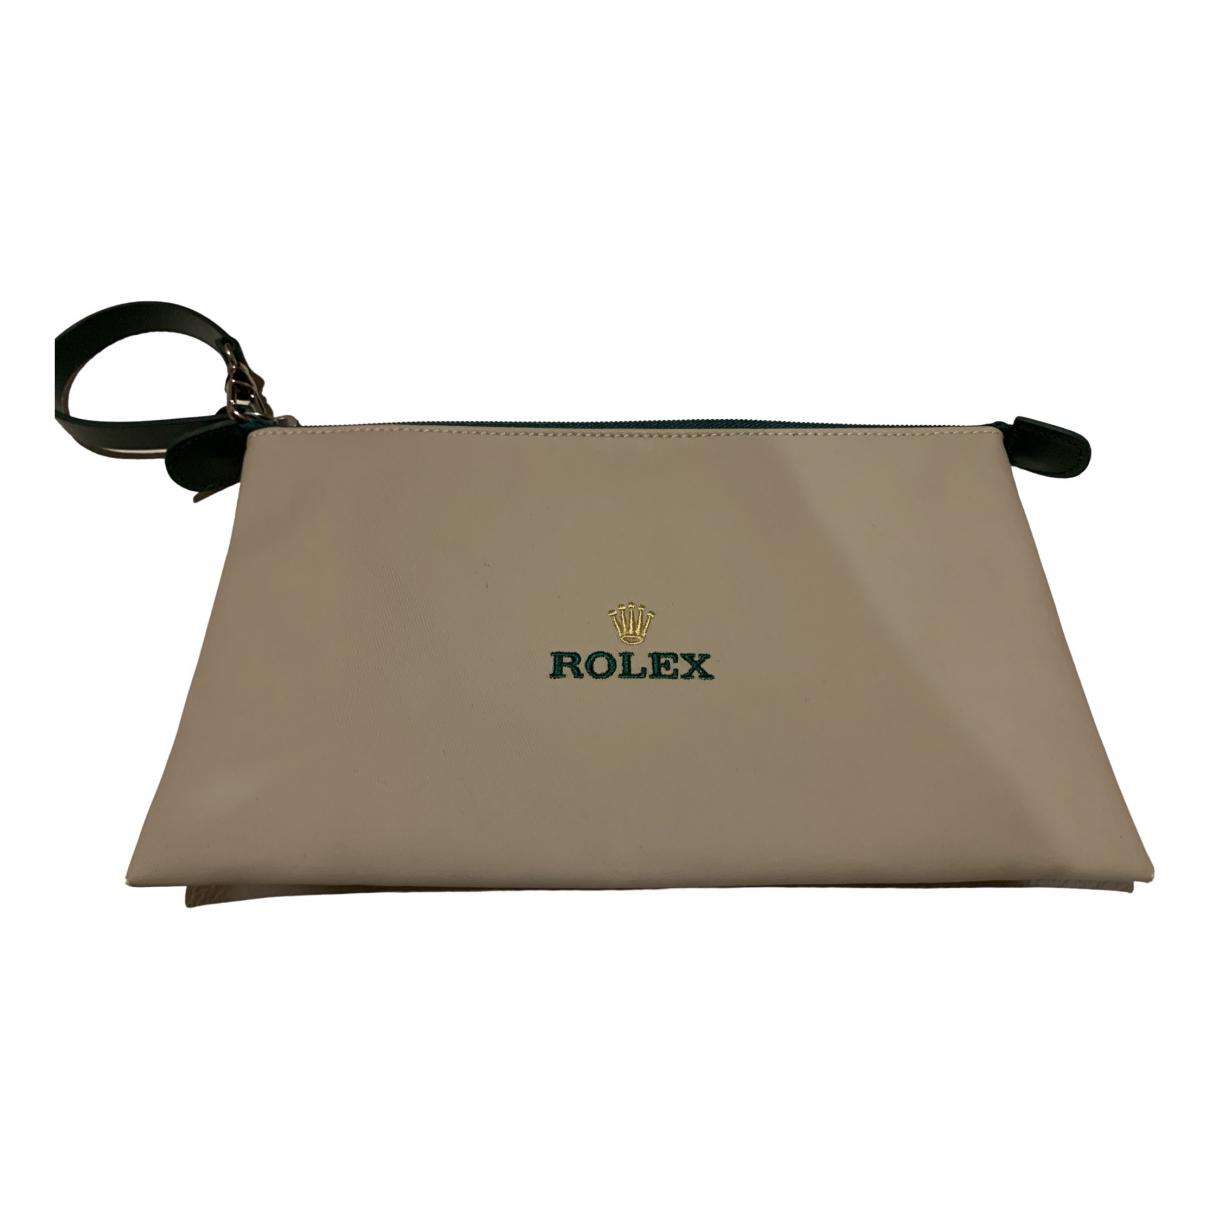 Rolex \N Kleinlederwaren in  Beige Leinen